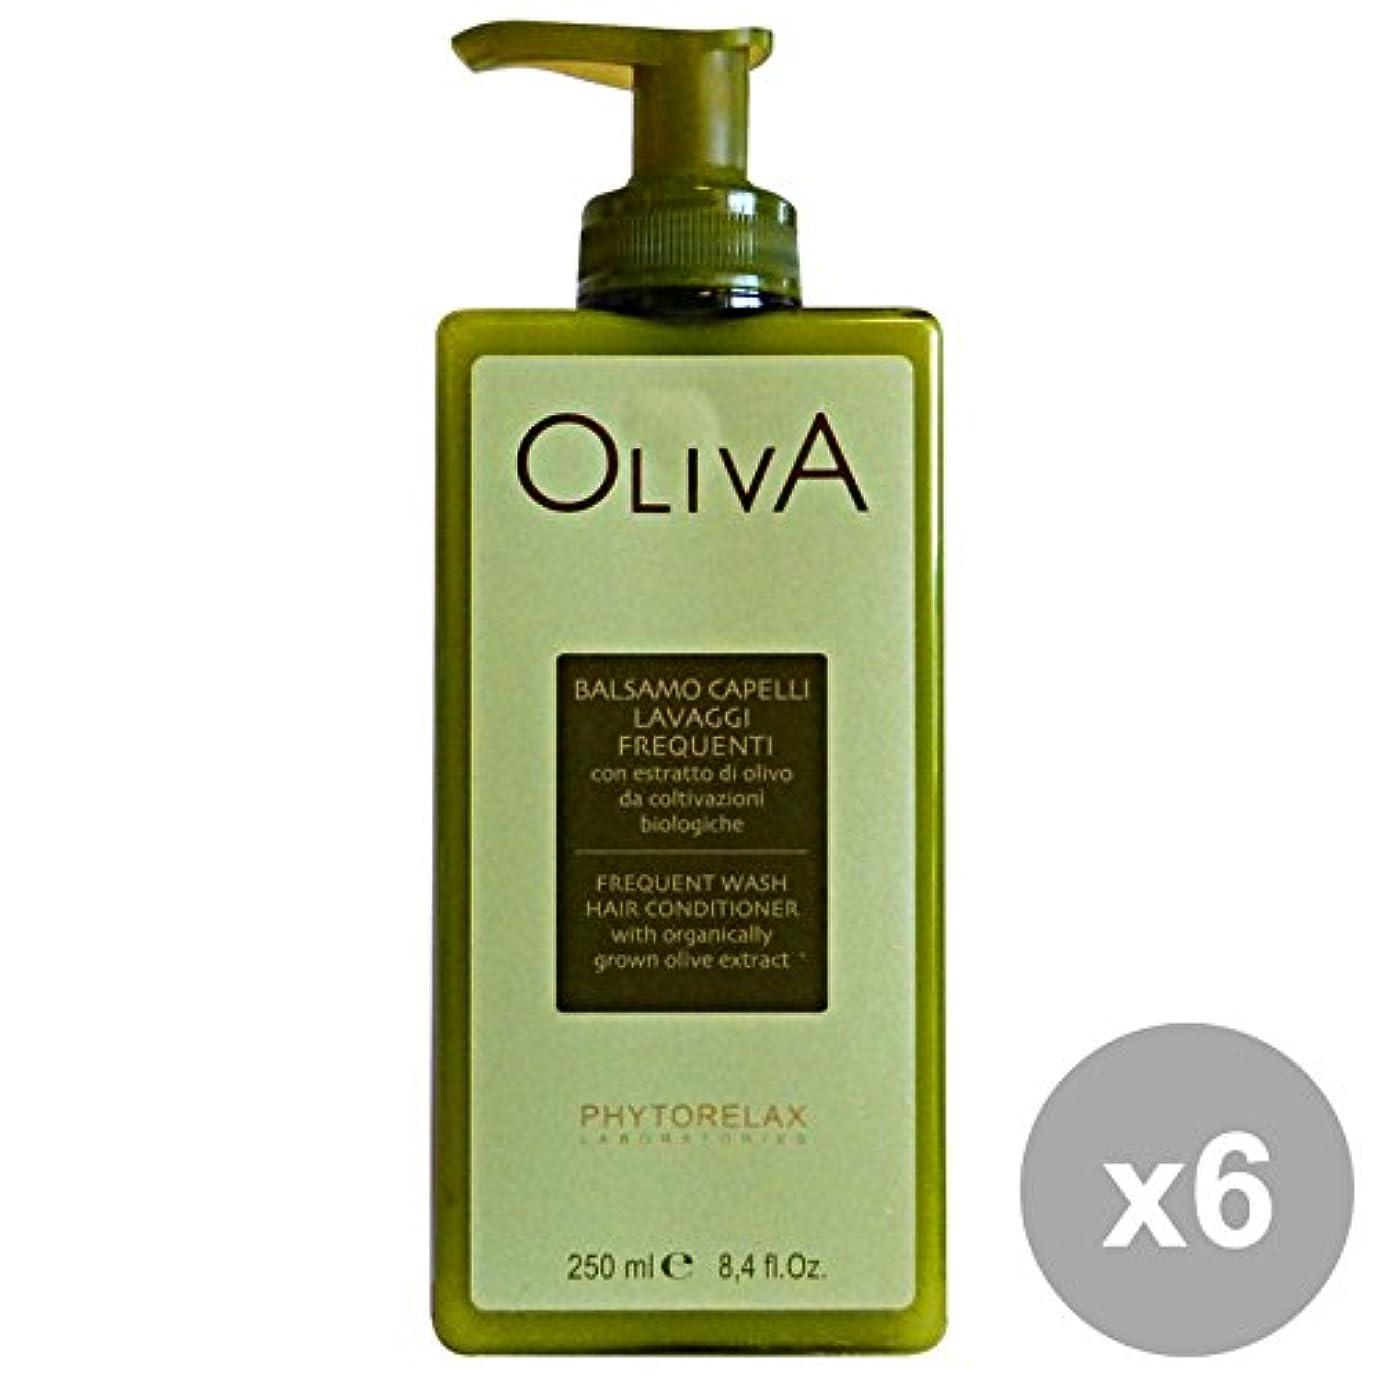 疫病牧師わずかに6ファイトレラックスオリーブバームウォッシュを洗う頻度250 ML。髪のための製品